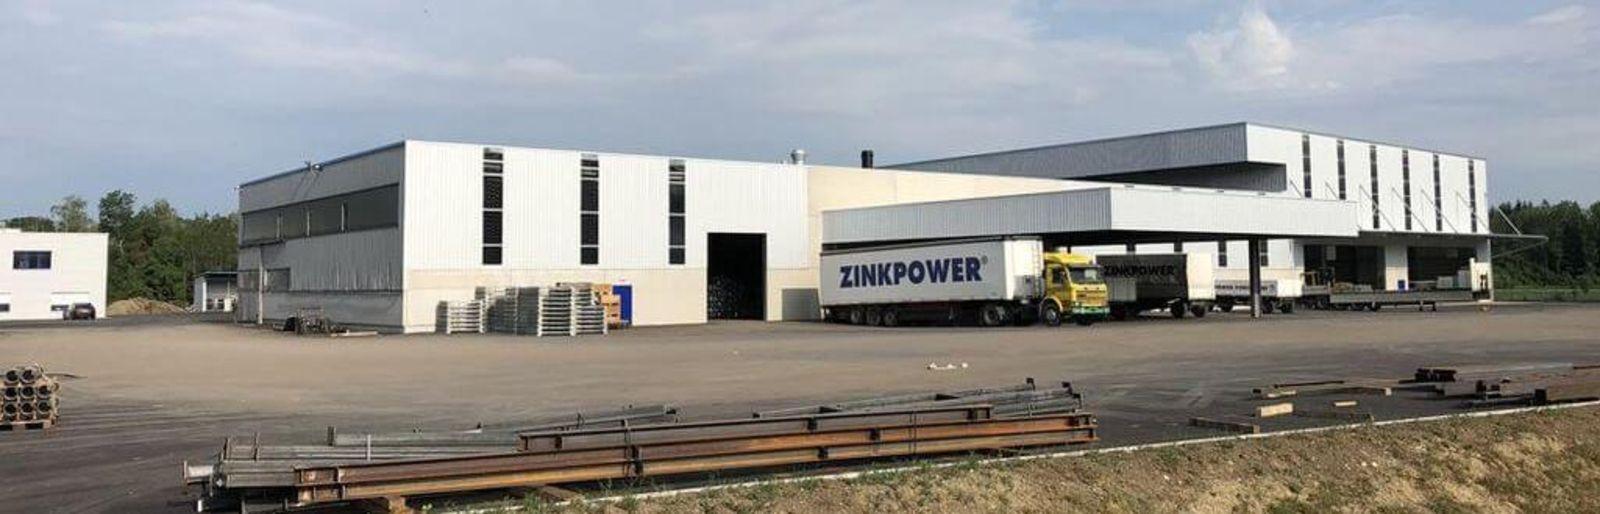 Zinkpower Vorchdorf